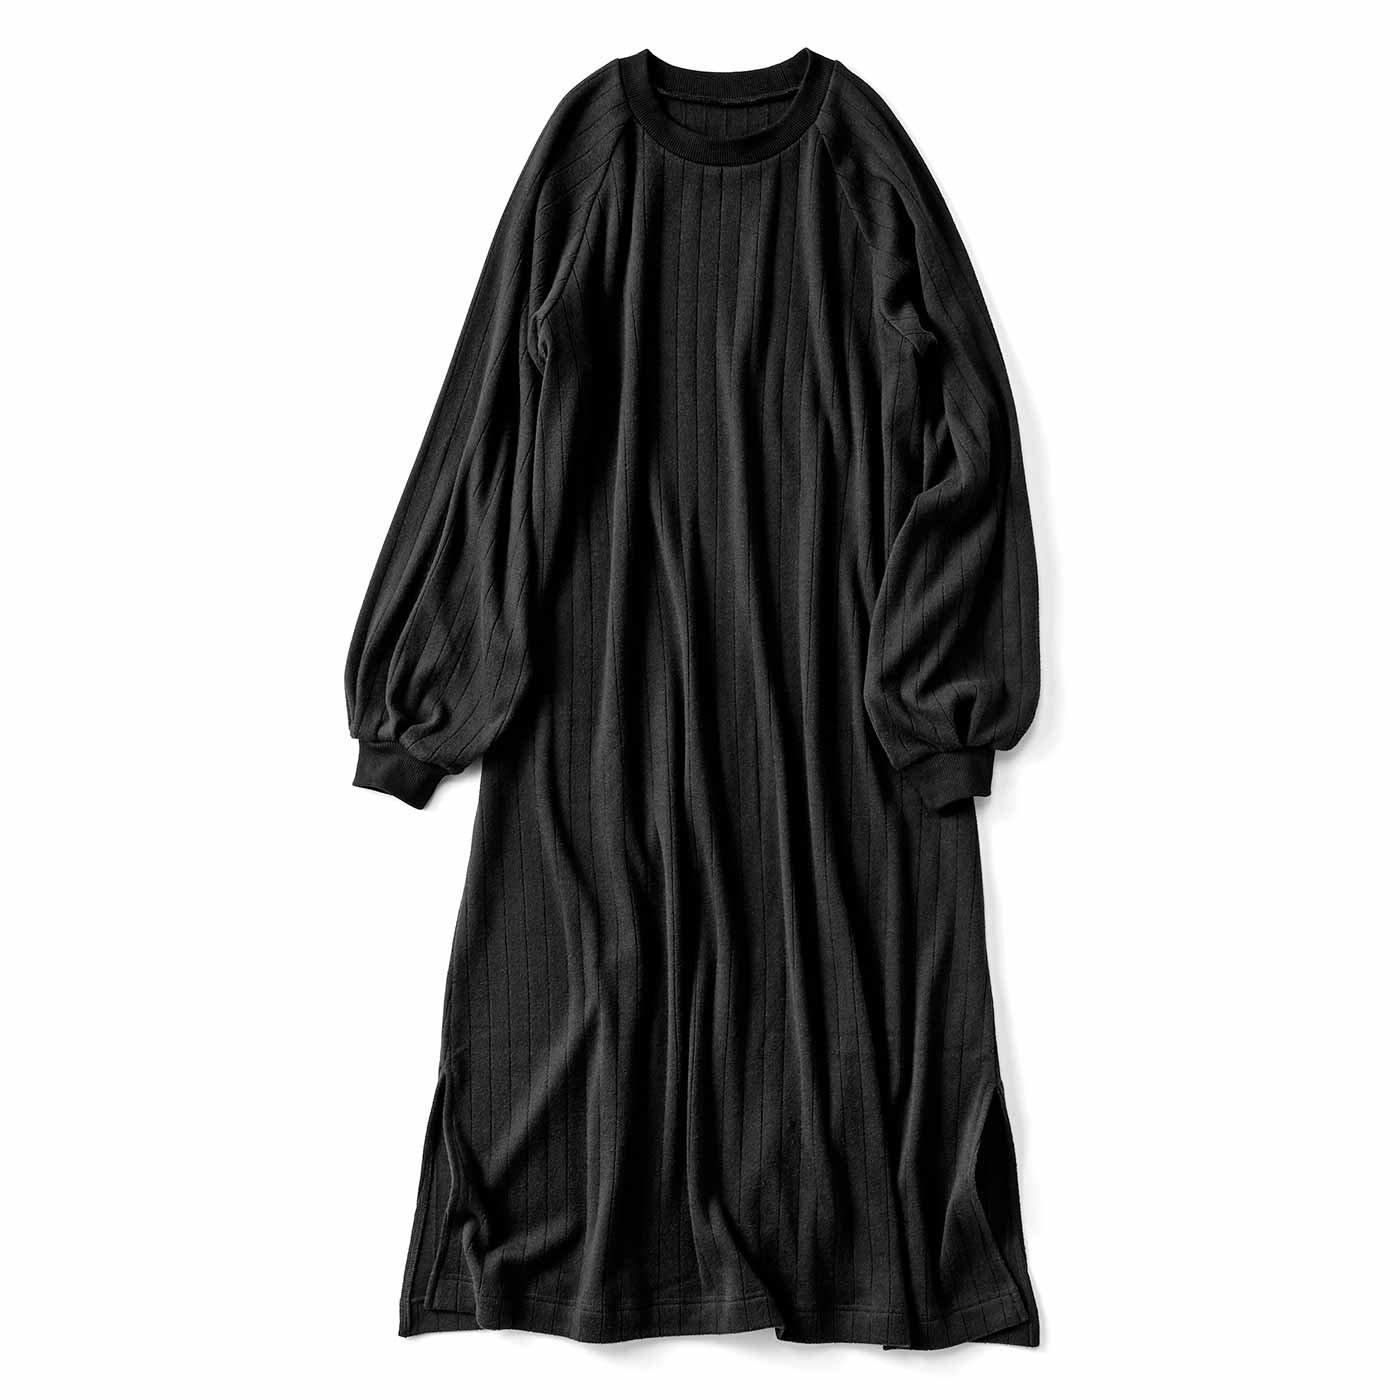 ボリューム袖がかわいい Aラインカットソーワンピース〈ブラック〉